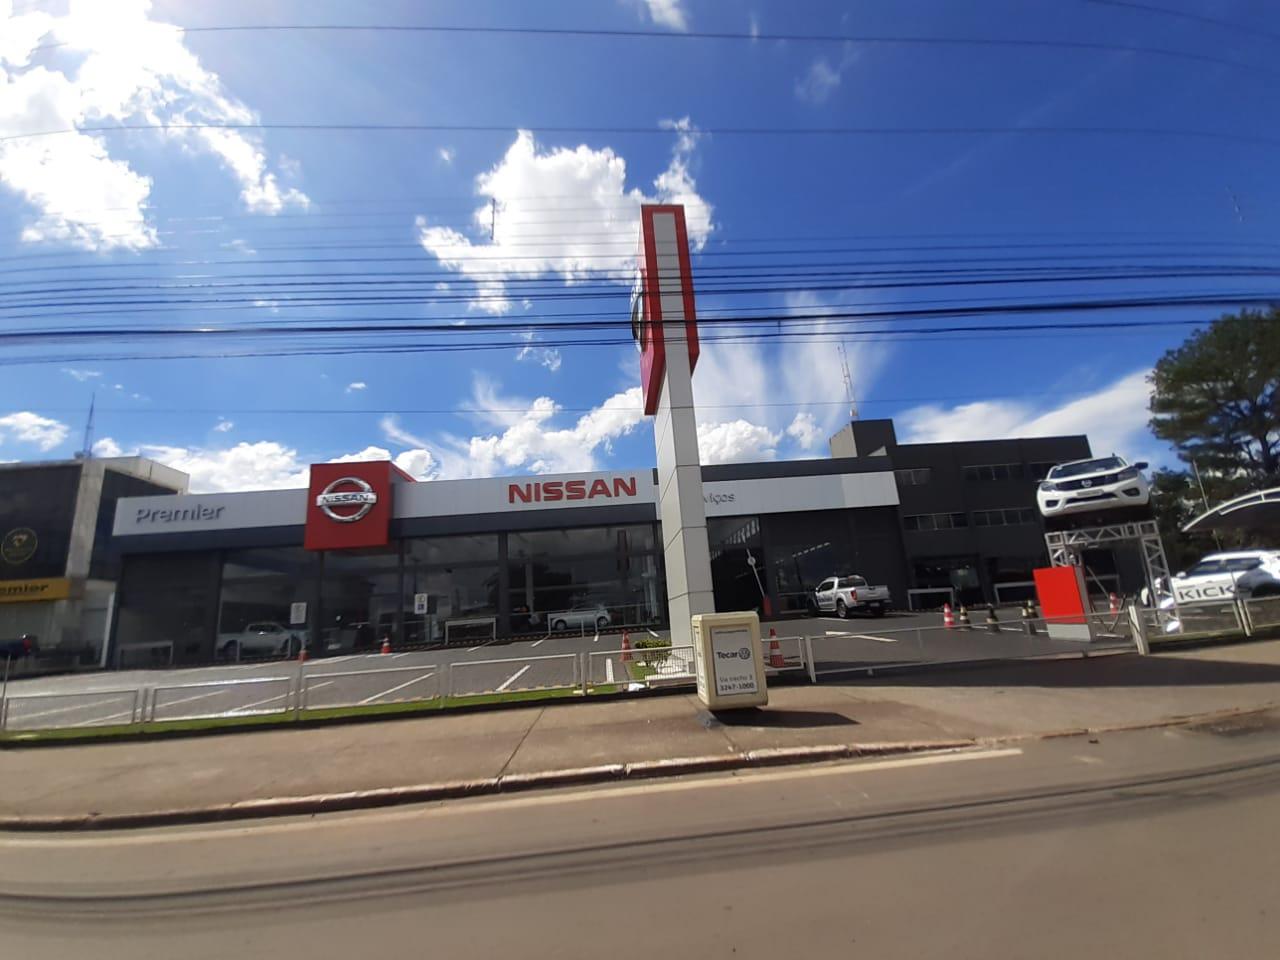 Premier Nisssan, SIA Trecho 2, Comercio Brasilia